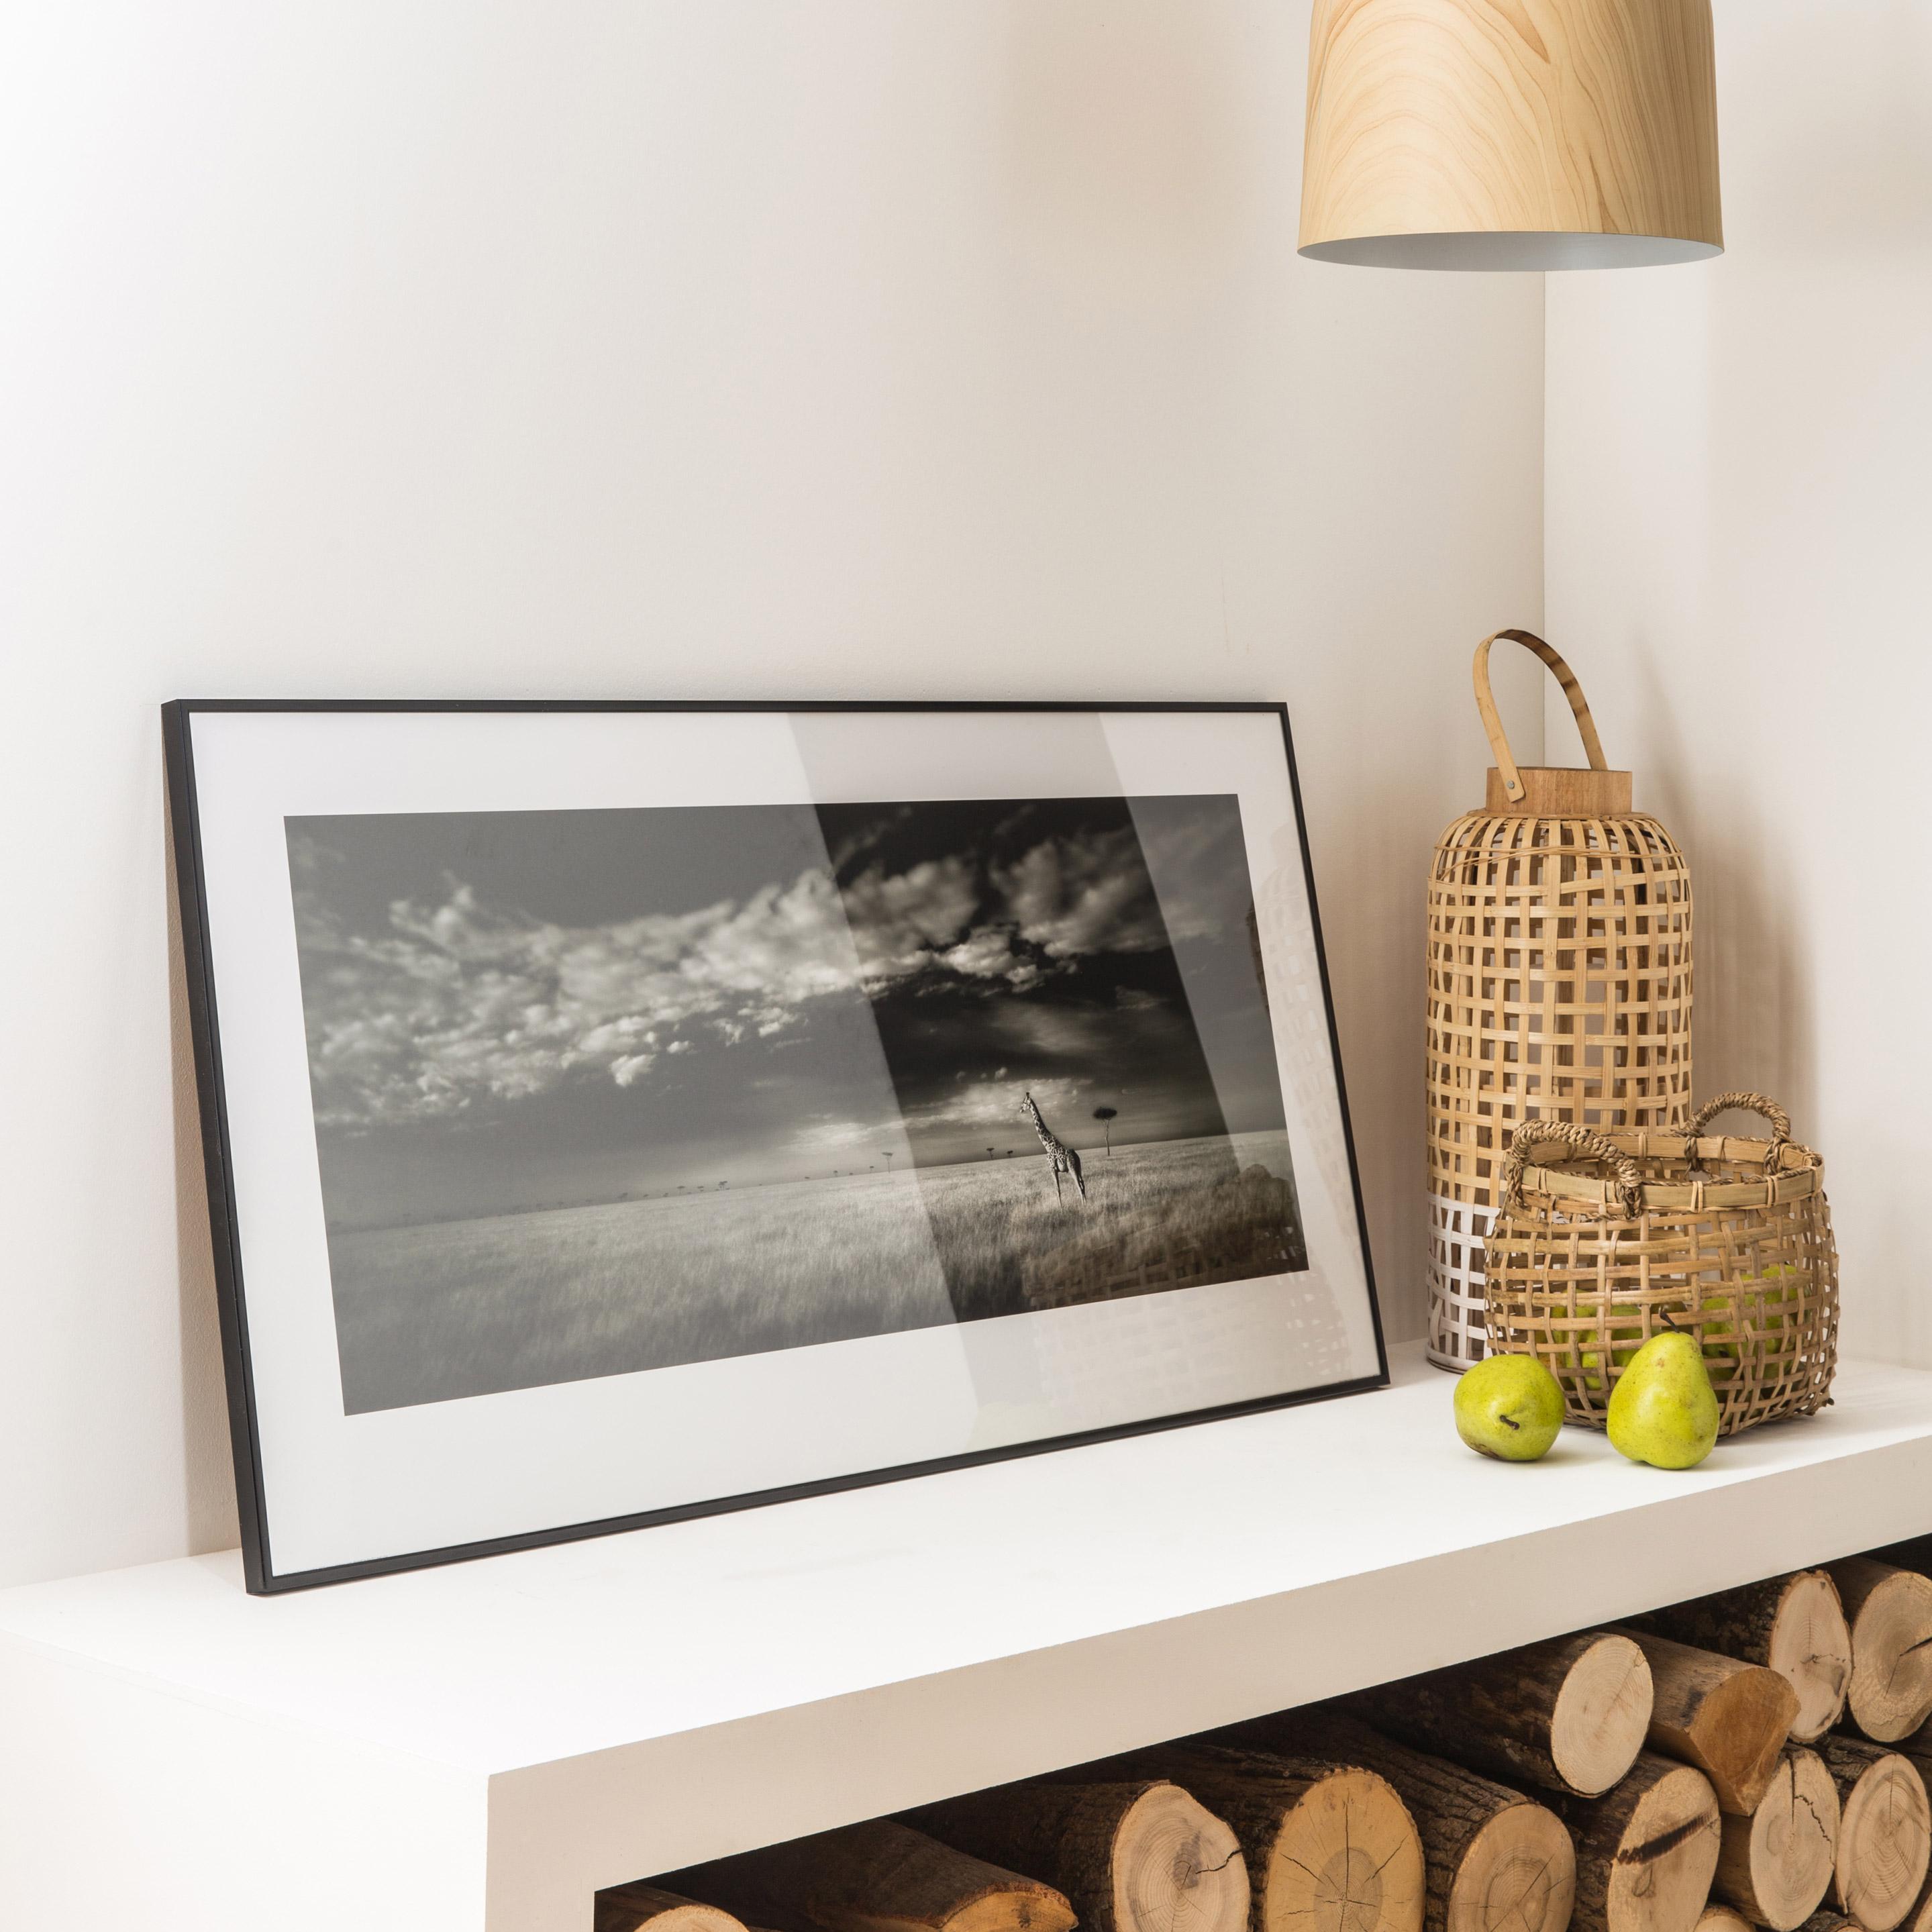 Or Brossé Effet Cadre Photo avec Noir Mount-Choisir Taille